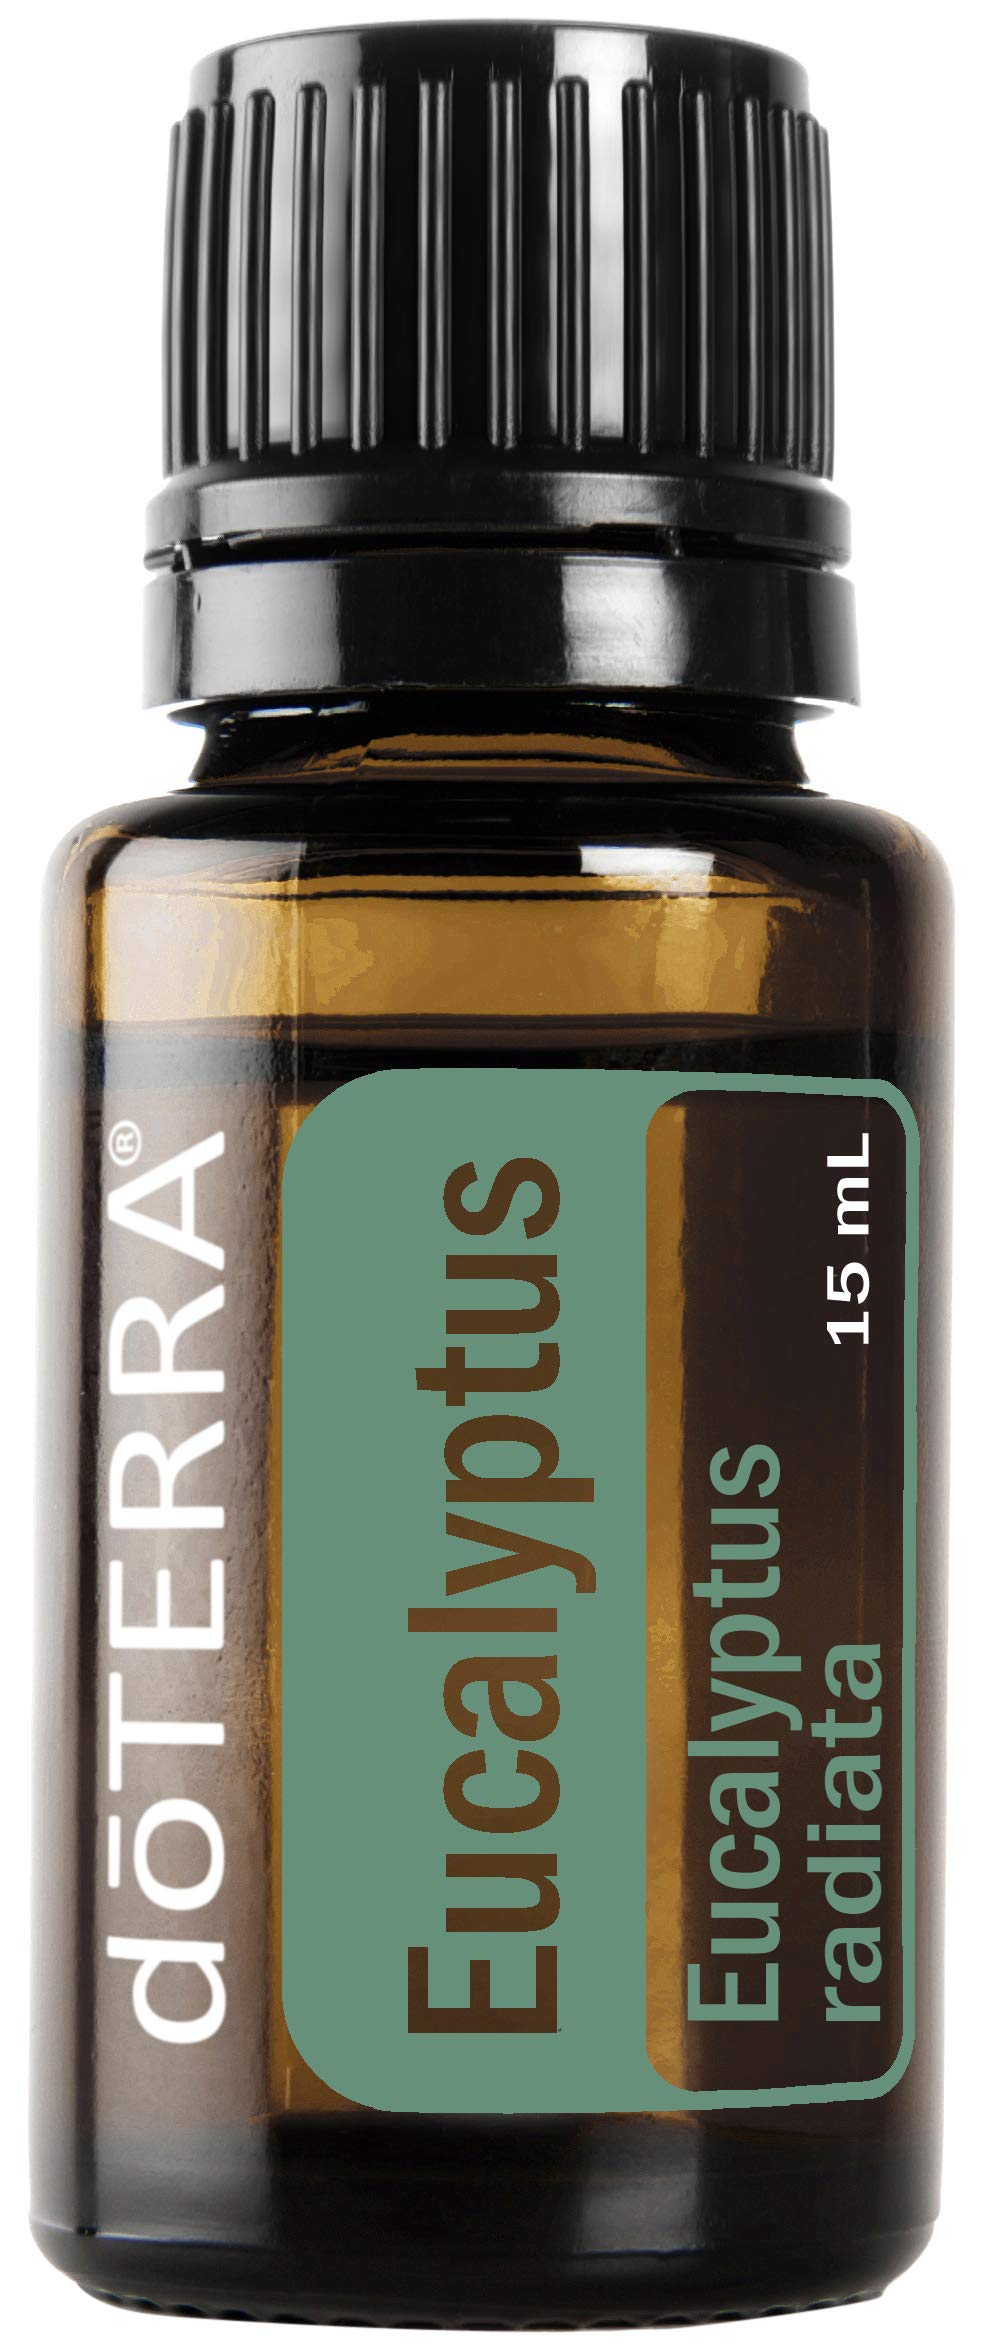 doTERRA - Eucalyptus Radiata Essential Oil - 15 mL